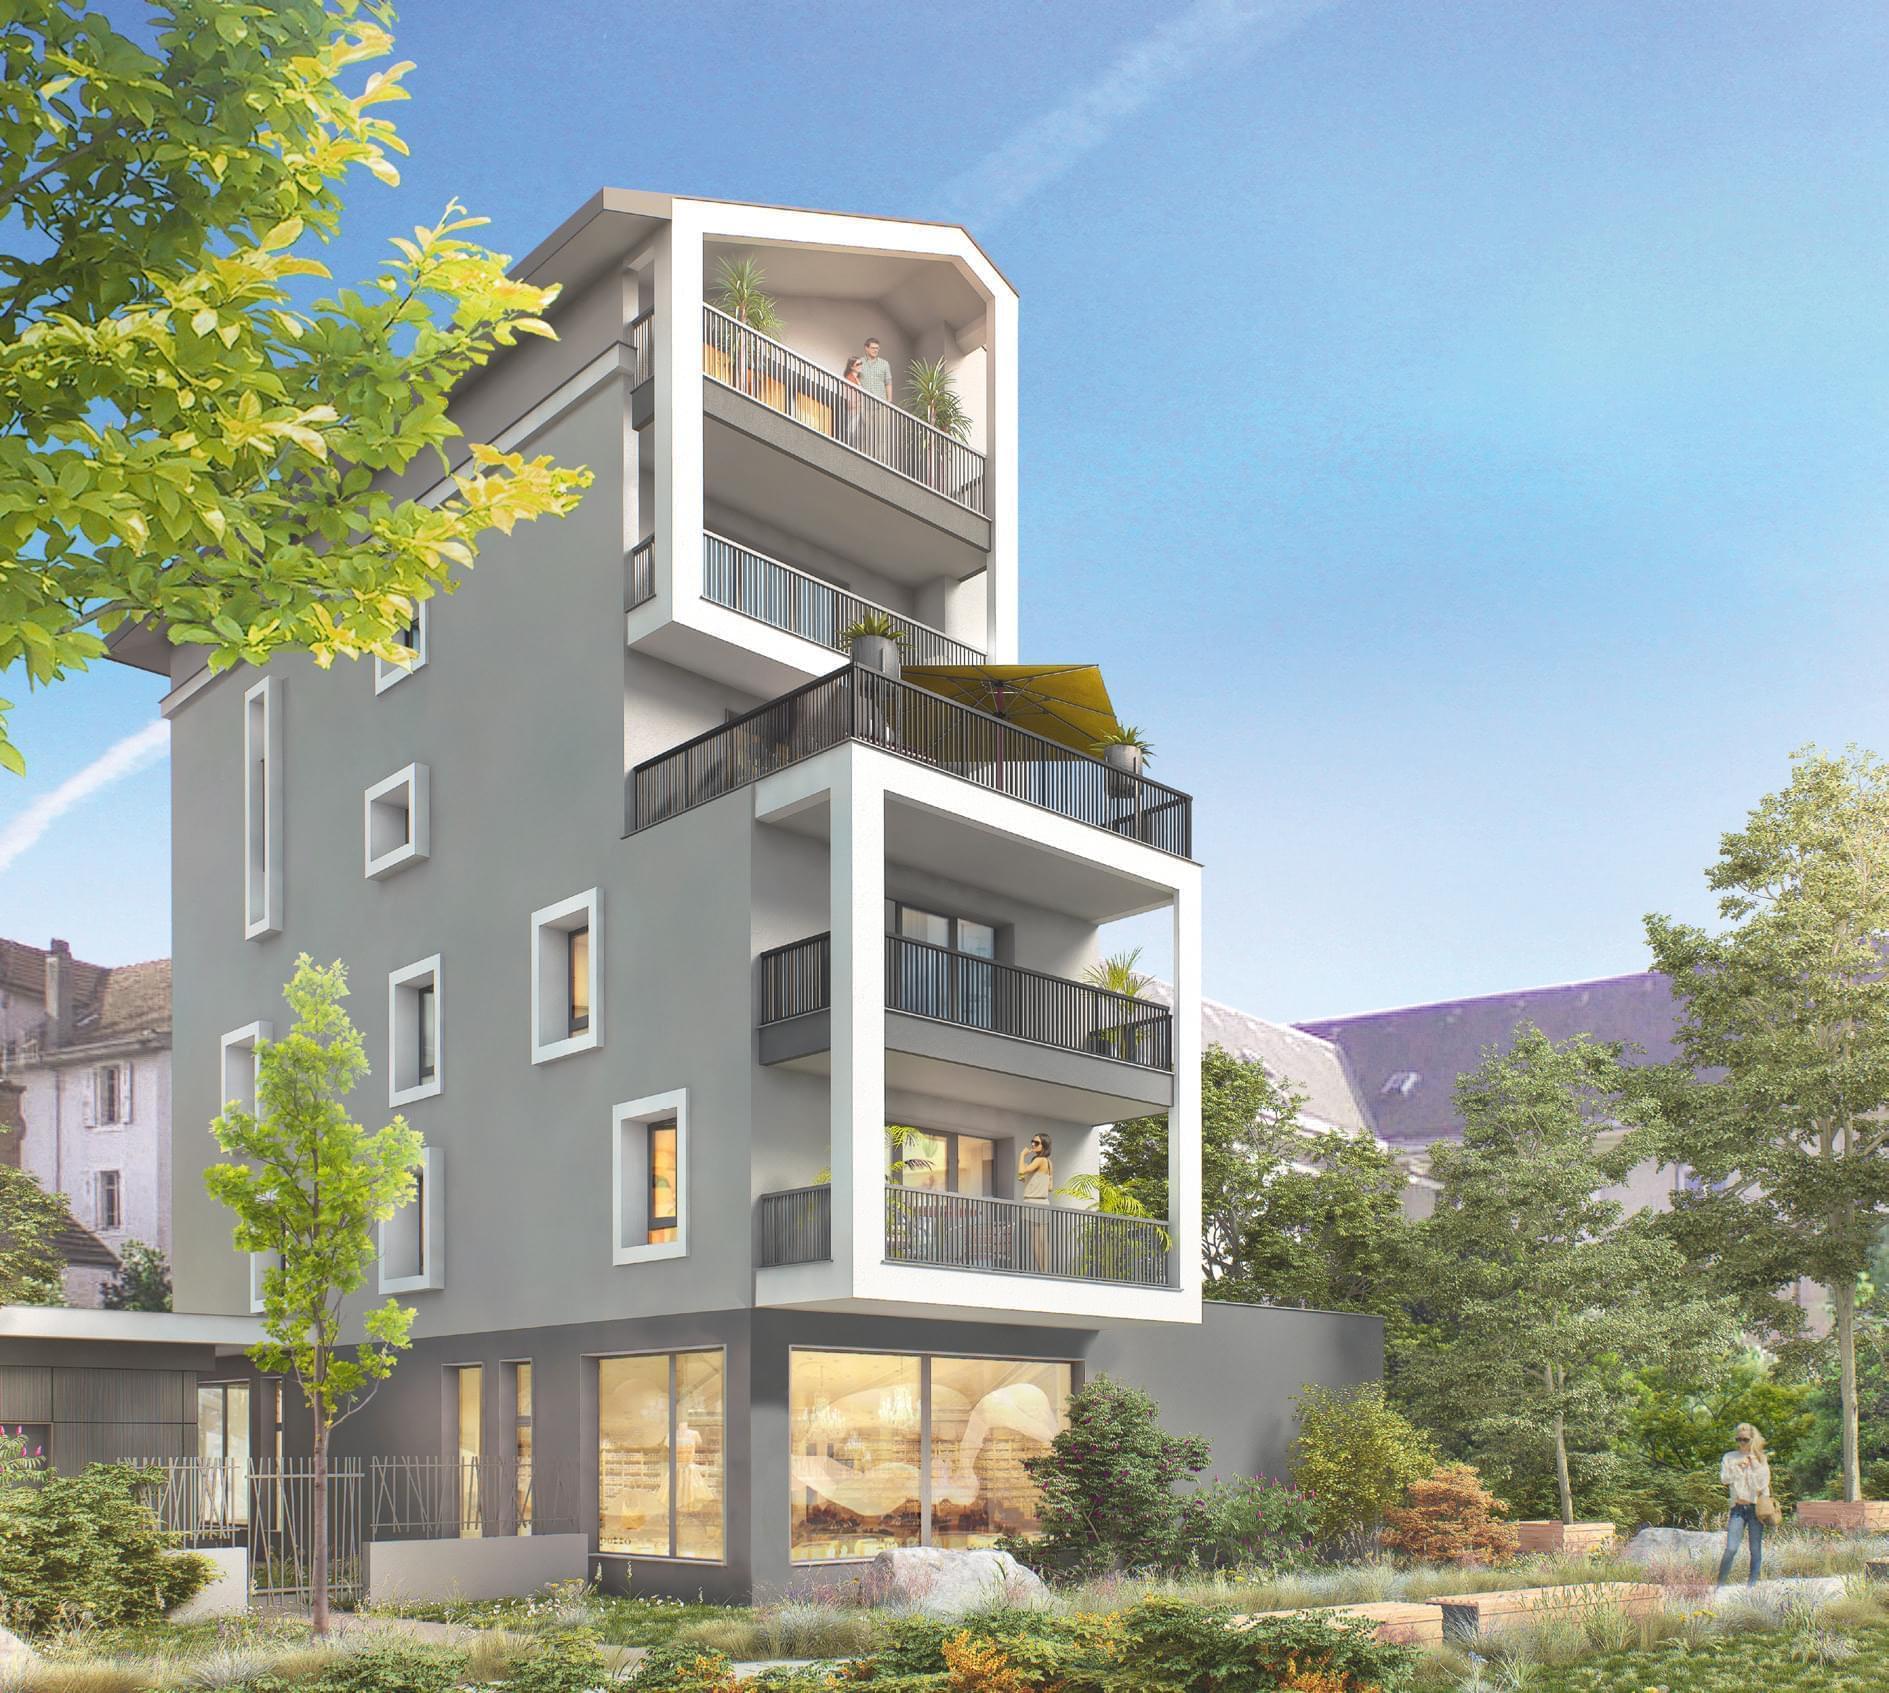 Résidence à Annemasse Petites surfaces pour défiscalisation, Eligible dernière année loi Pinel, Appartements traversants, Belles prestations, Pack domotique Flex'home,